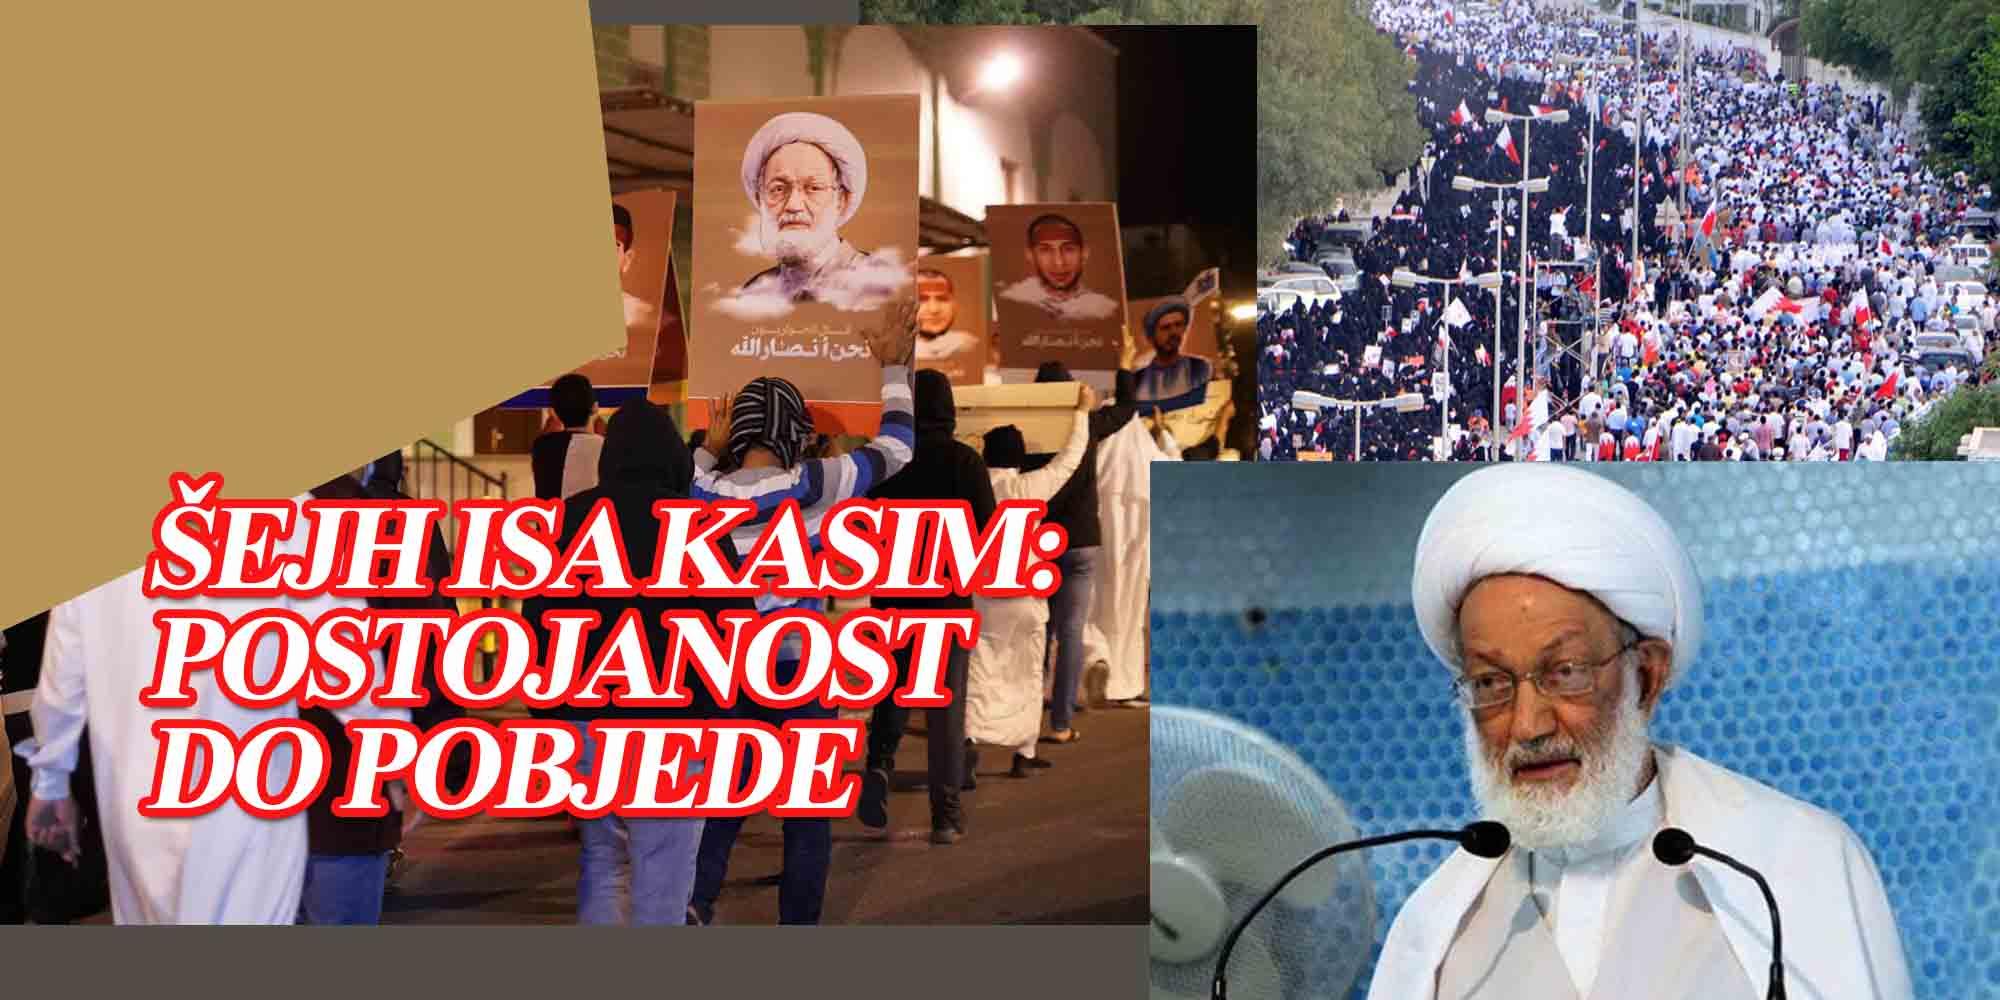 Šejh Isa Kasim na desetoj godišnjici narodne revolucije u Bahreinu: Postojanost do pobjede